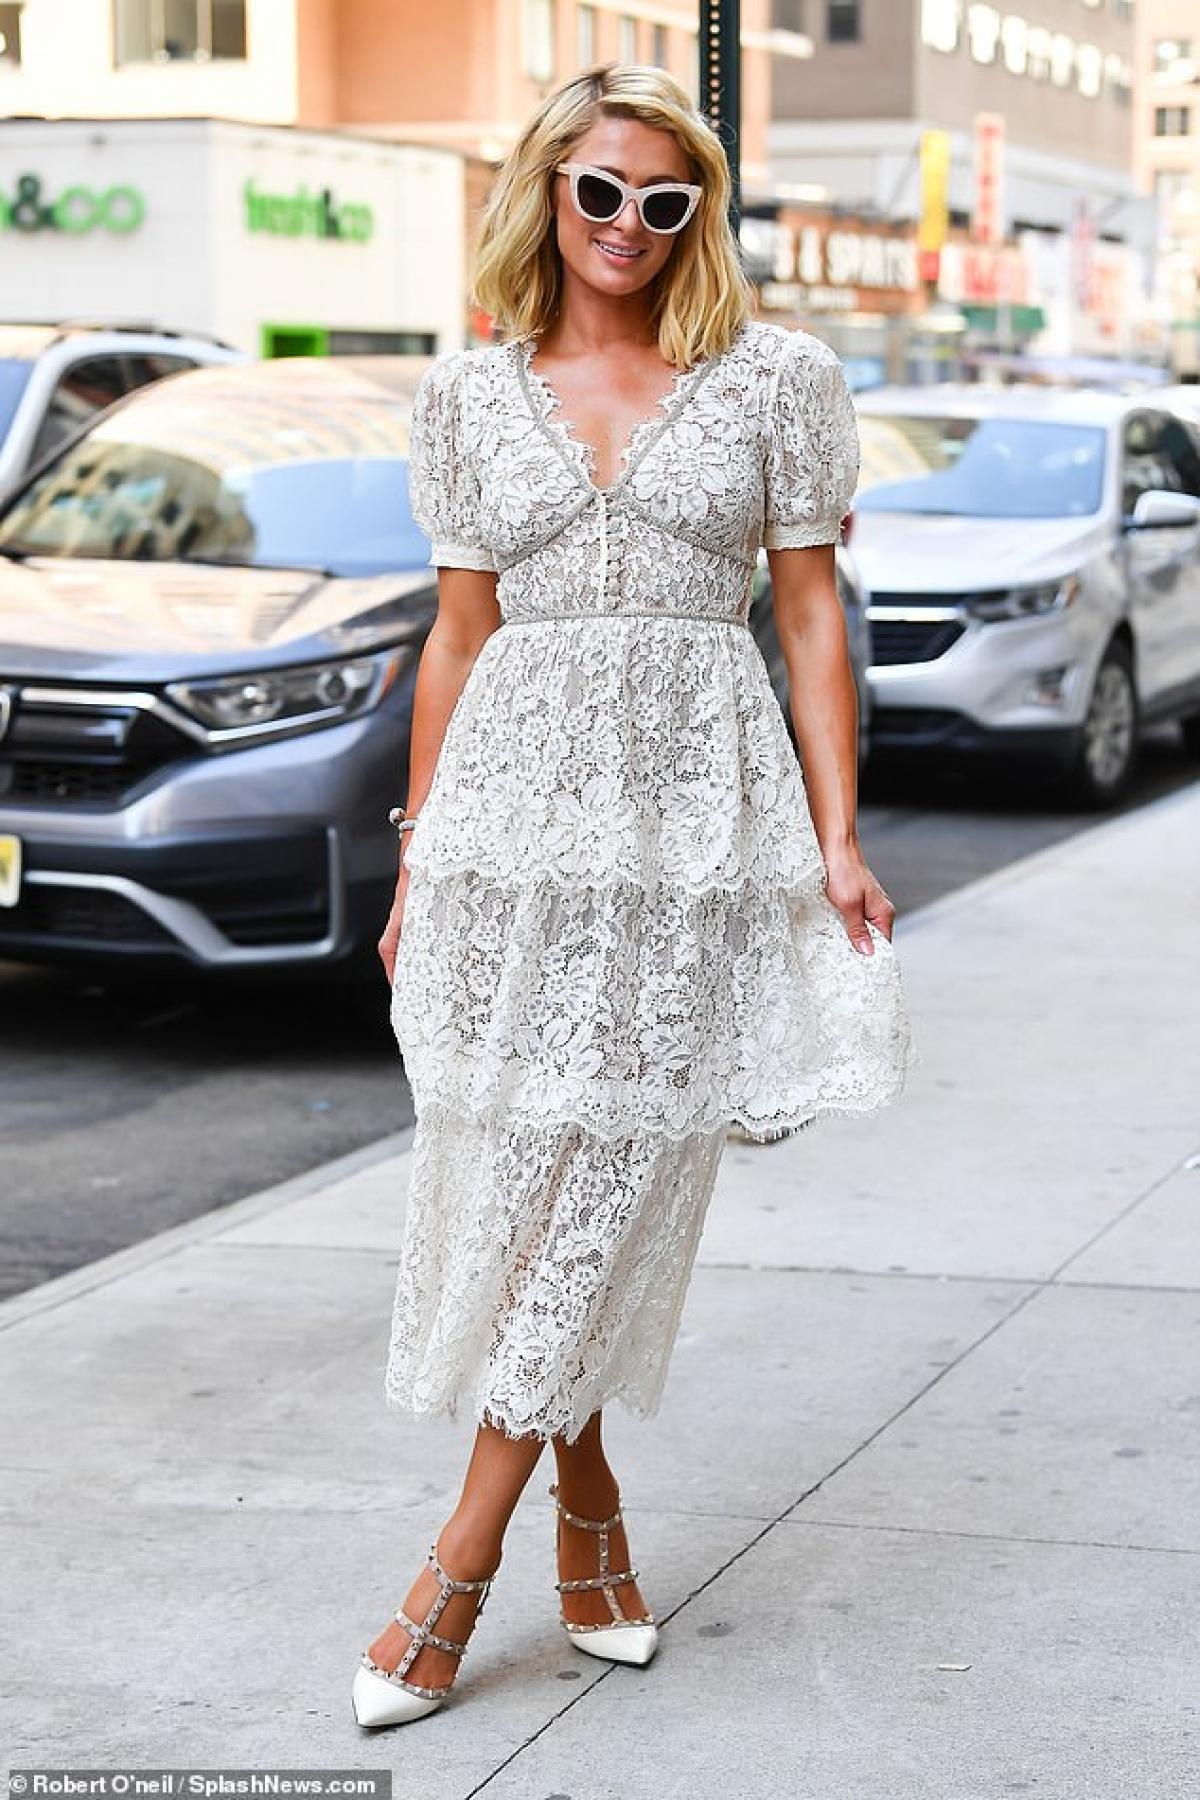 Paris Hilton thu hút mọi ánh nhìn khi đi dạo phố cùng em gái Nicky ở New York hôm 21/6, theo giờ địa phương.